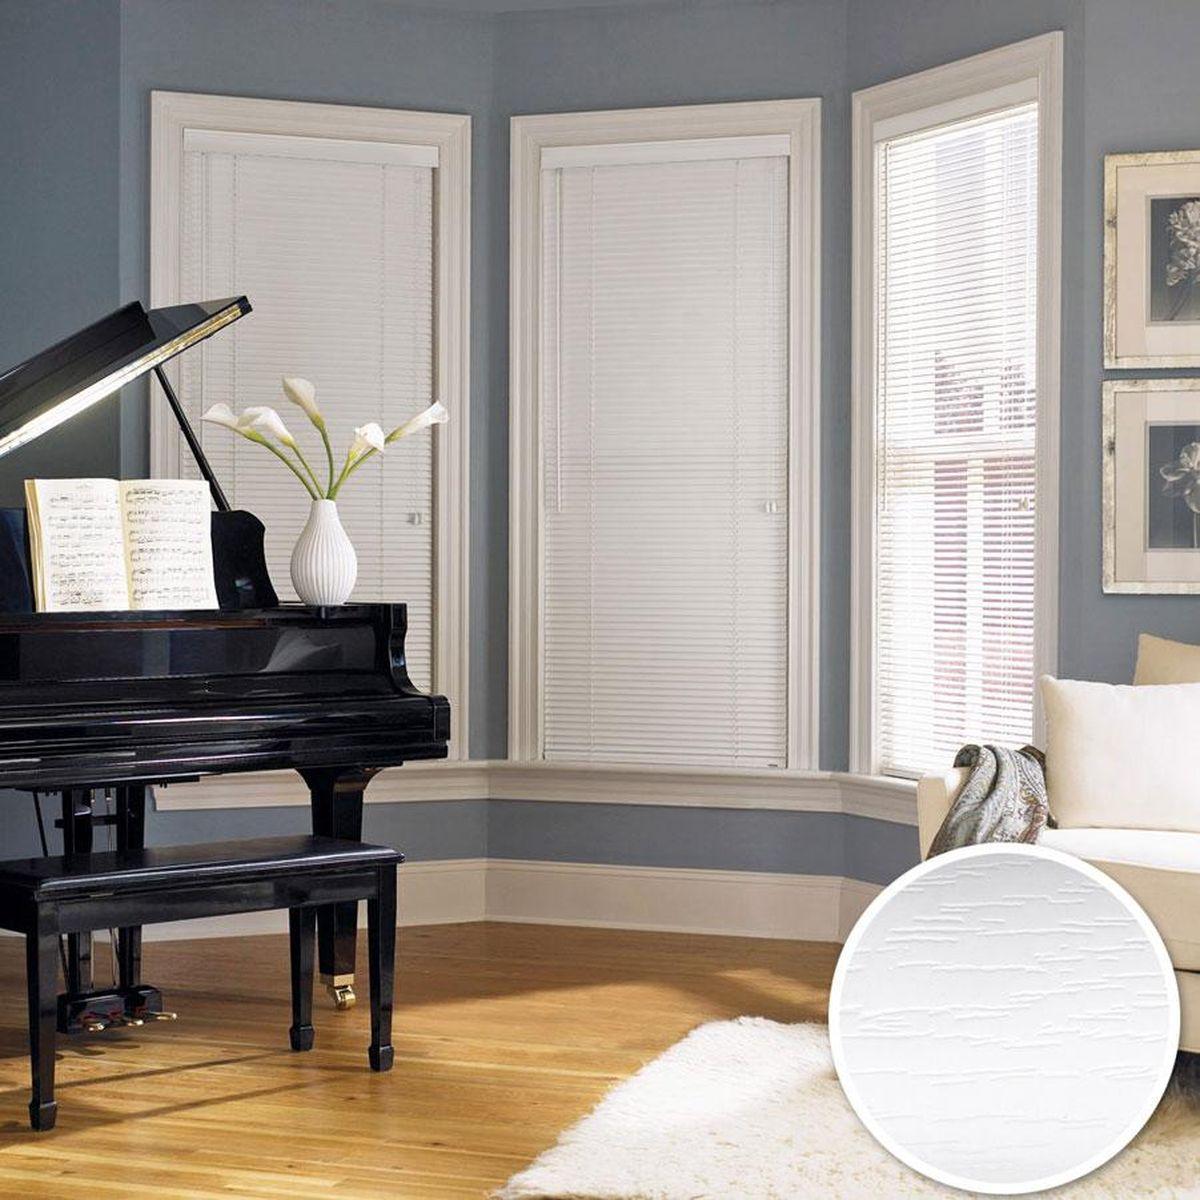 Жалюзи Эскар, цвет: белый, ширина 80 см, высота 160 см61008080160Хотите, не загромождая оконный проем, украсить его? Повесьте пластиковые жалюзи. Как элегантно и невесомо они смотрятся! И отлично защищают от ярких солнечных лучей. • Большой выбор стильных цветовых решений представлен светлыми и более насыщенными оттенками. • Разнообразие размеров позволит без проблем подобрать подходящее по всем характеристикам изделие. • Конструкция отличается легкостью, простотой эксплуатации.